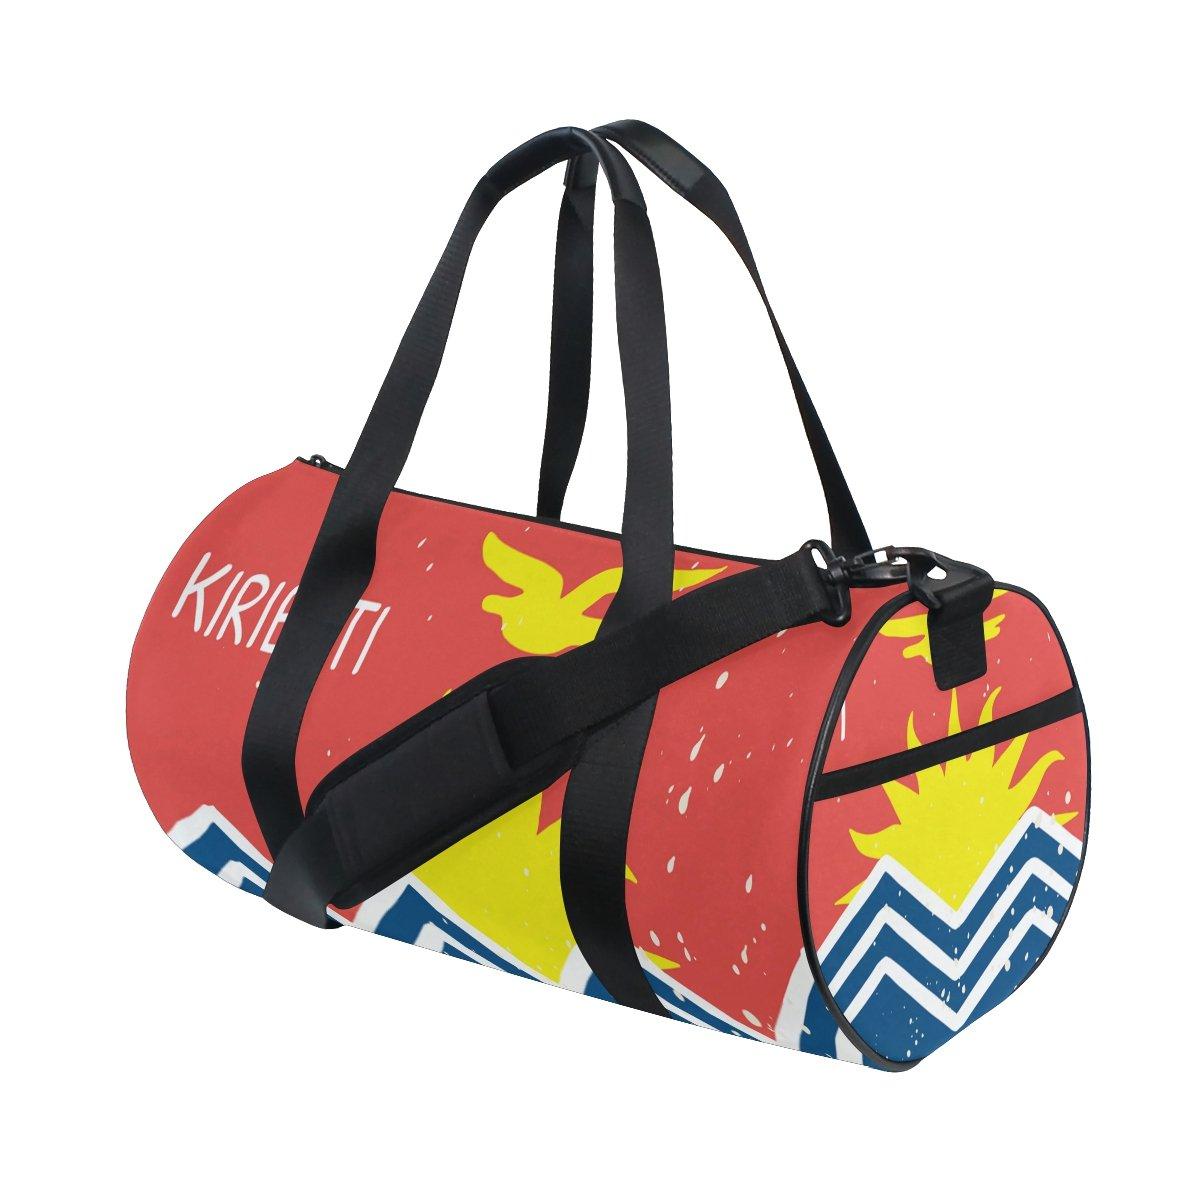 Distressed Kiribati Flag Travel Duffel Shoulder Bag ,Sports Gym Fitness Bags